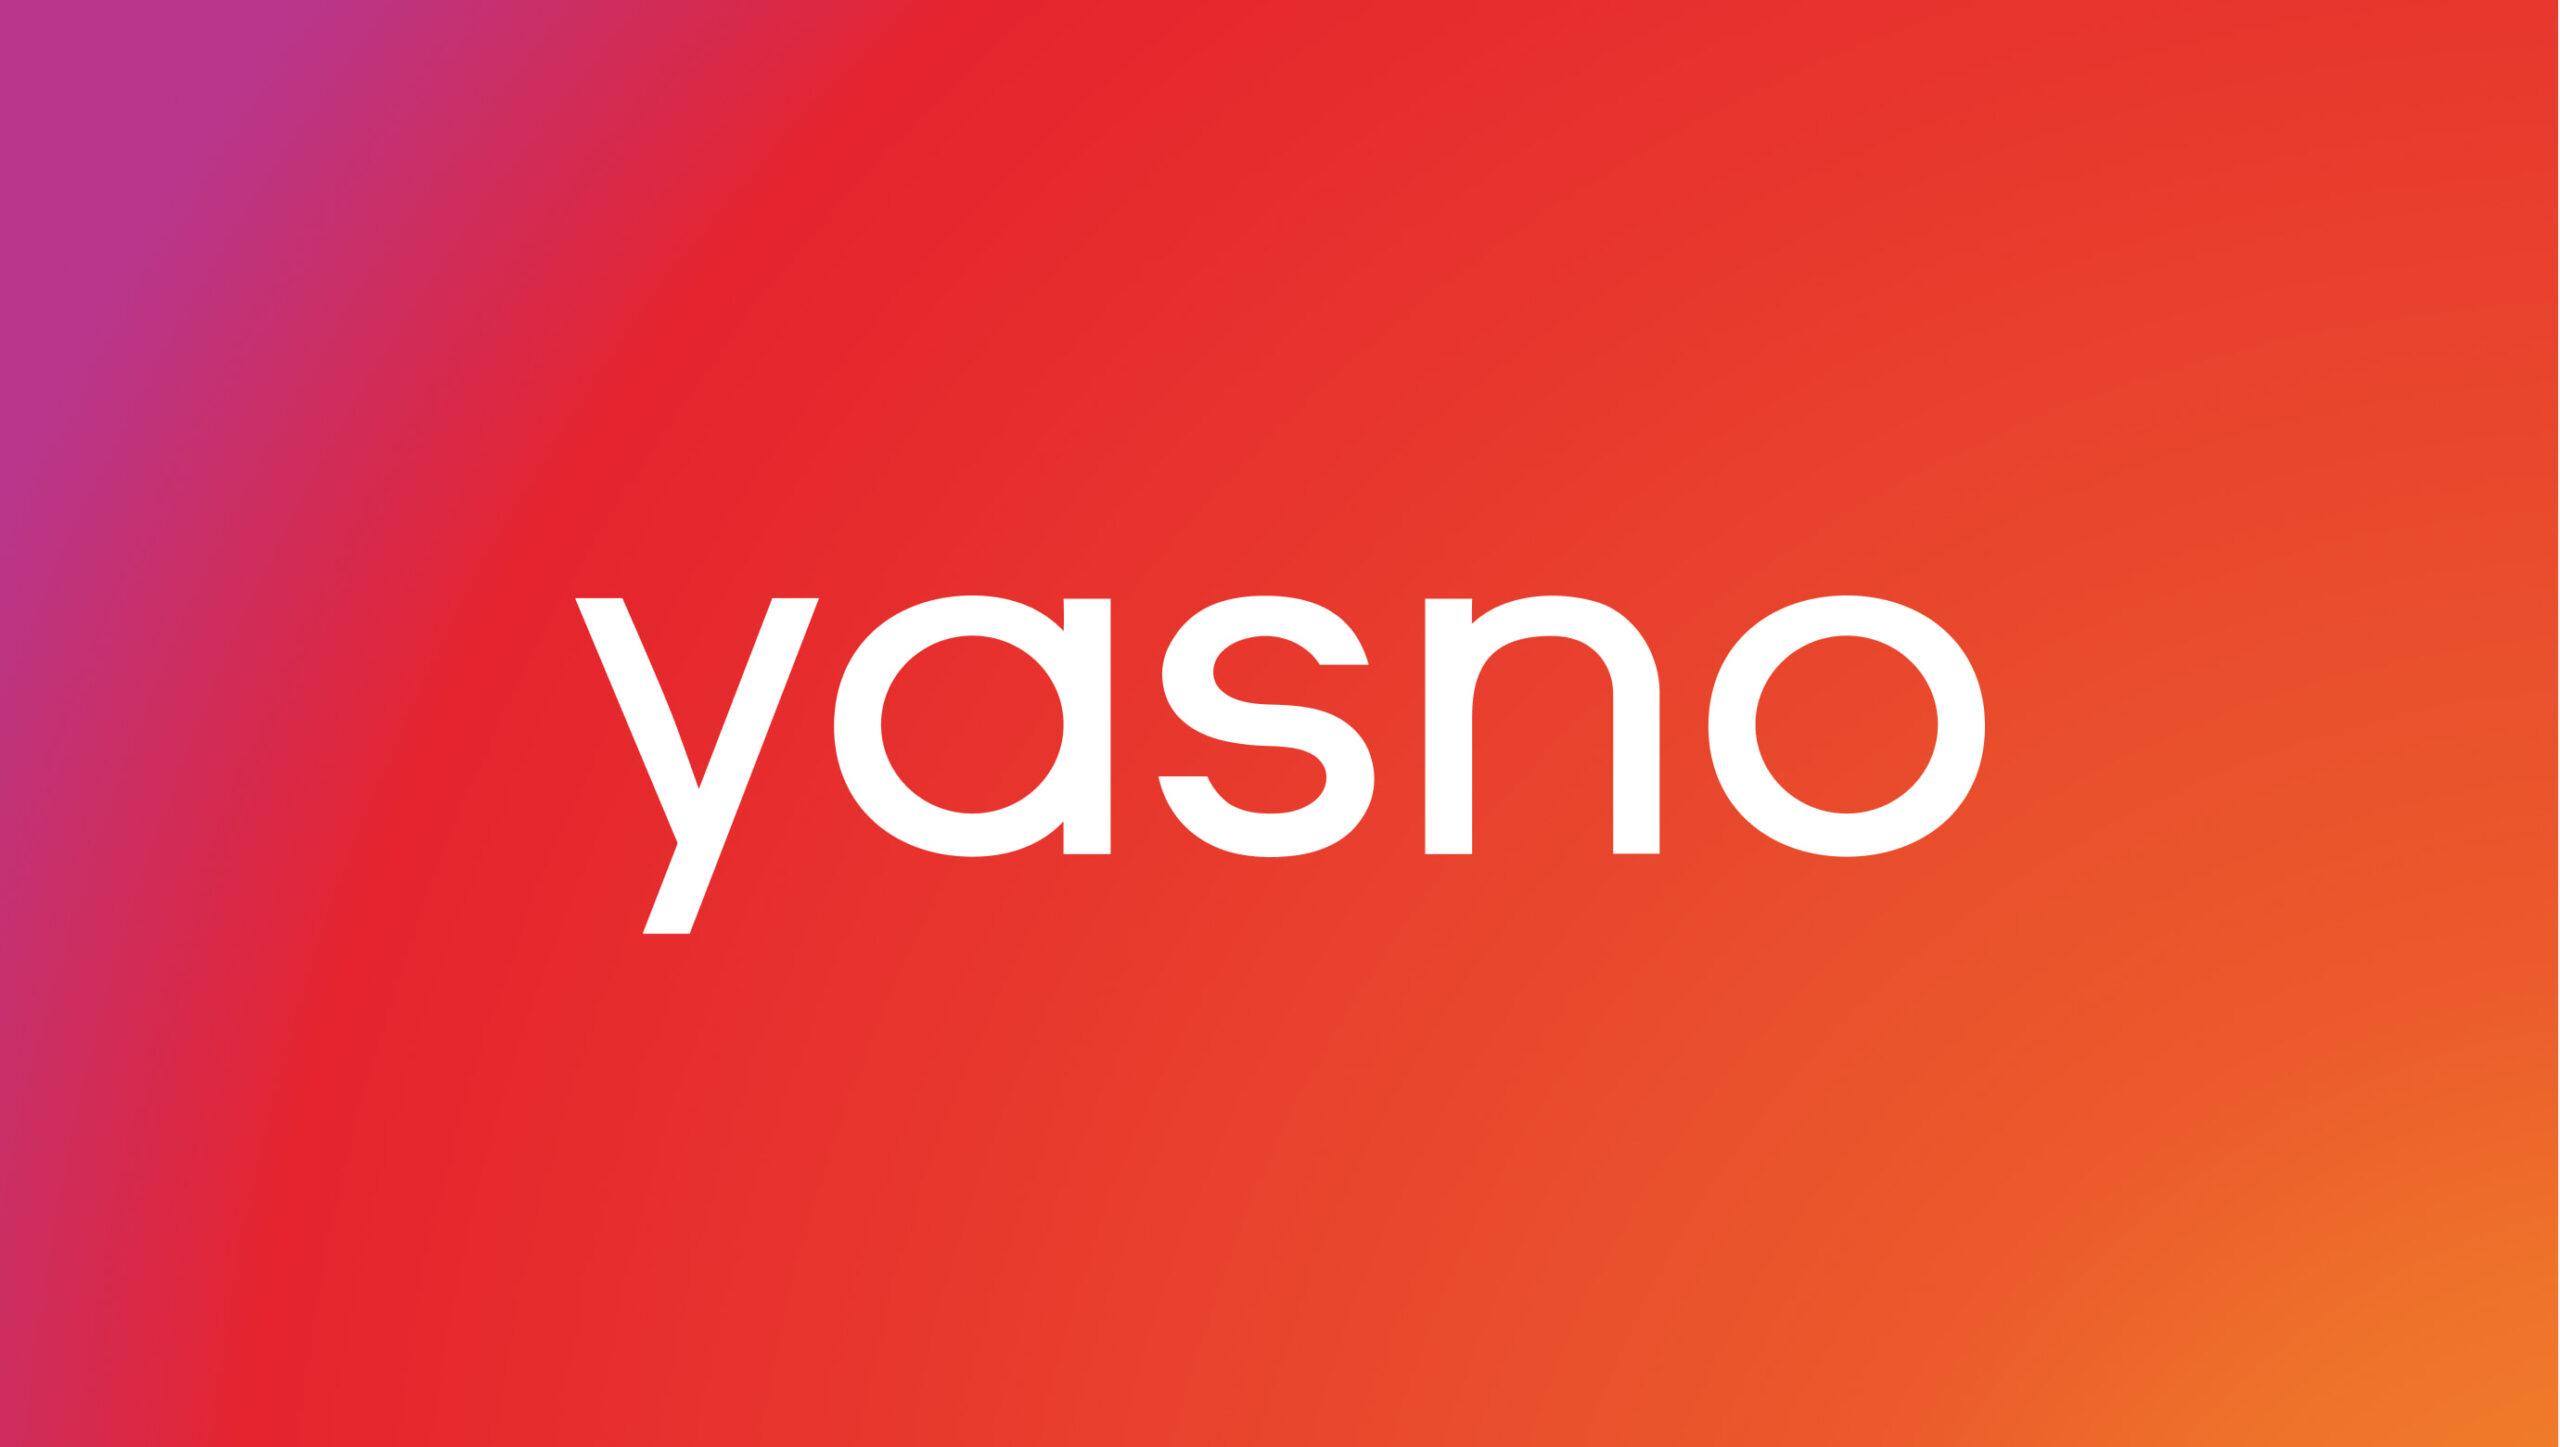 yasno_09